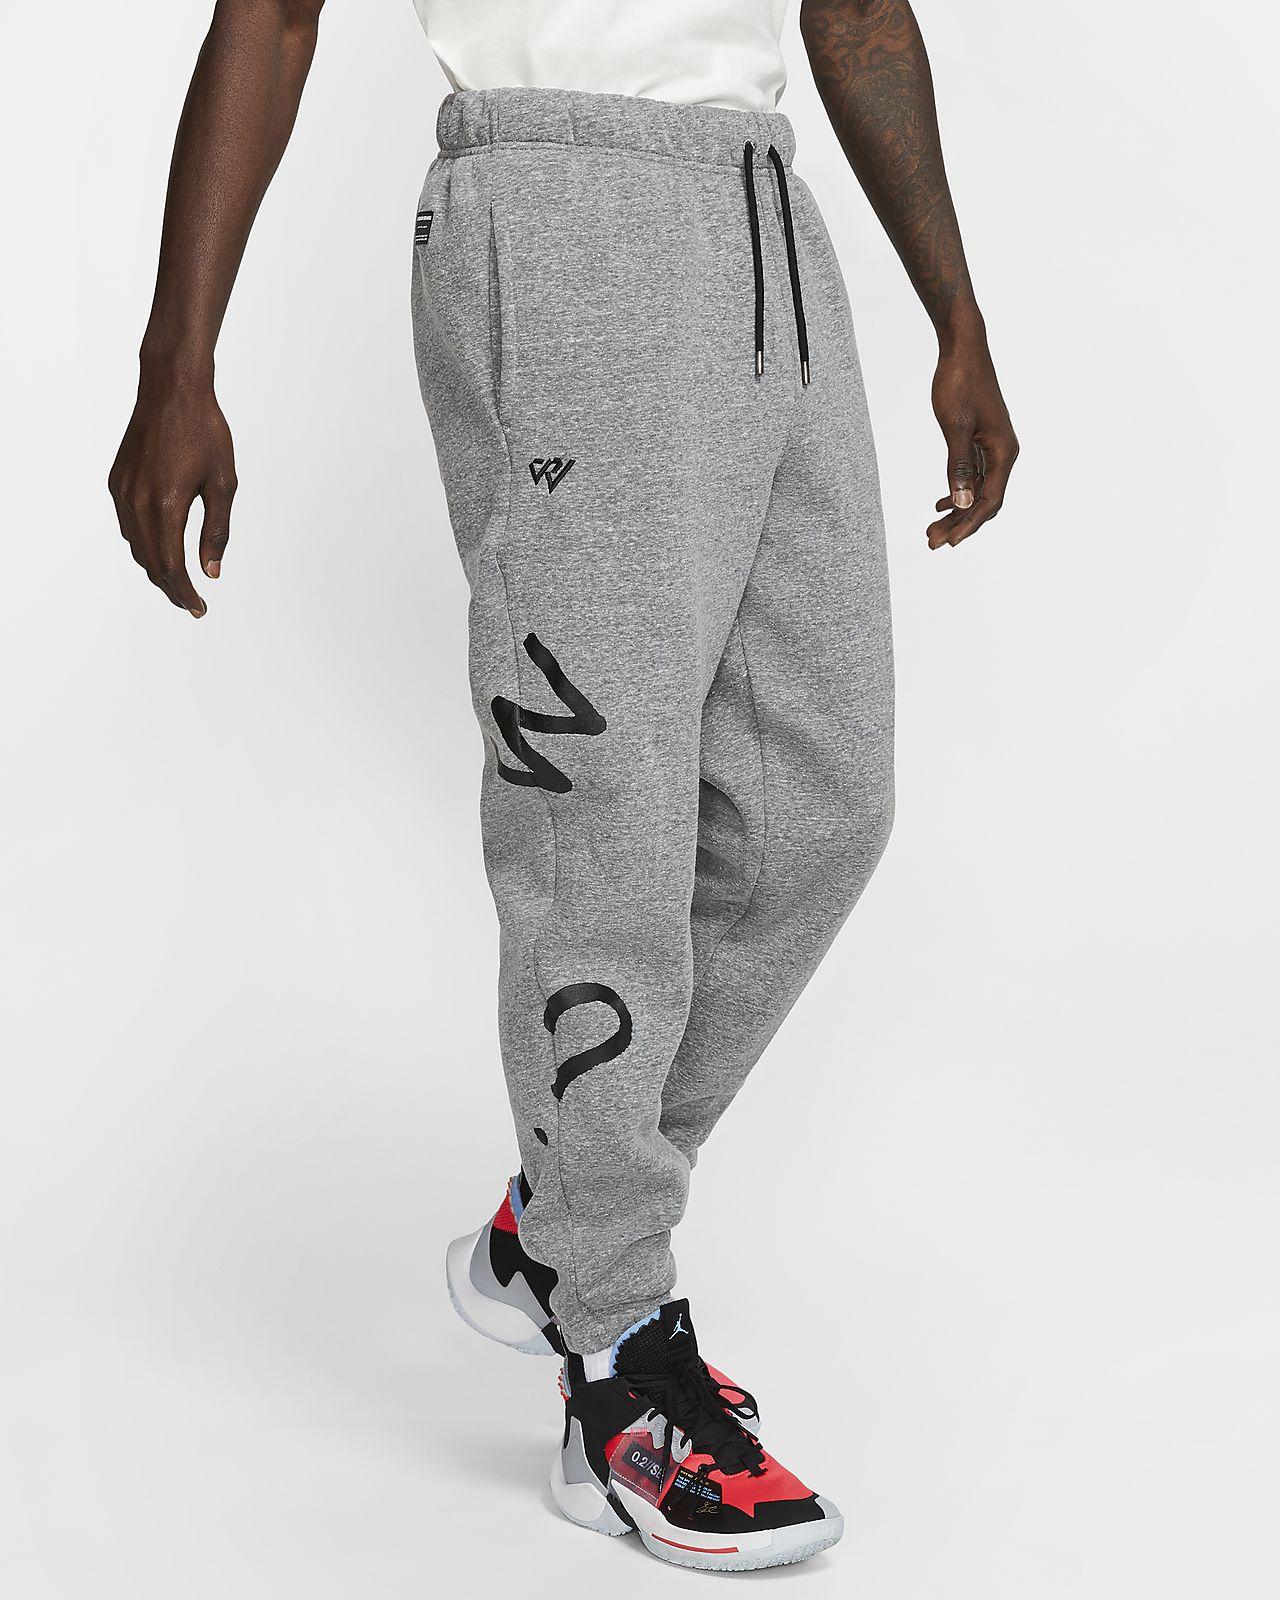 pantaloni jordan nike uomo